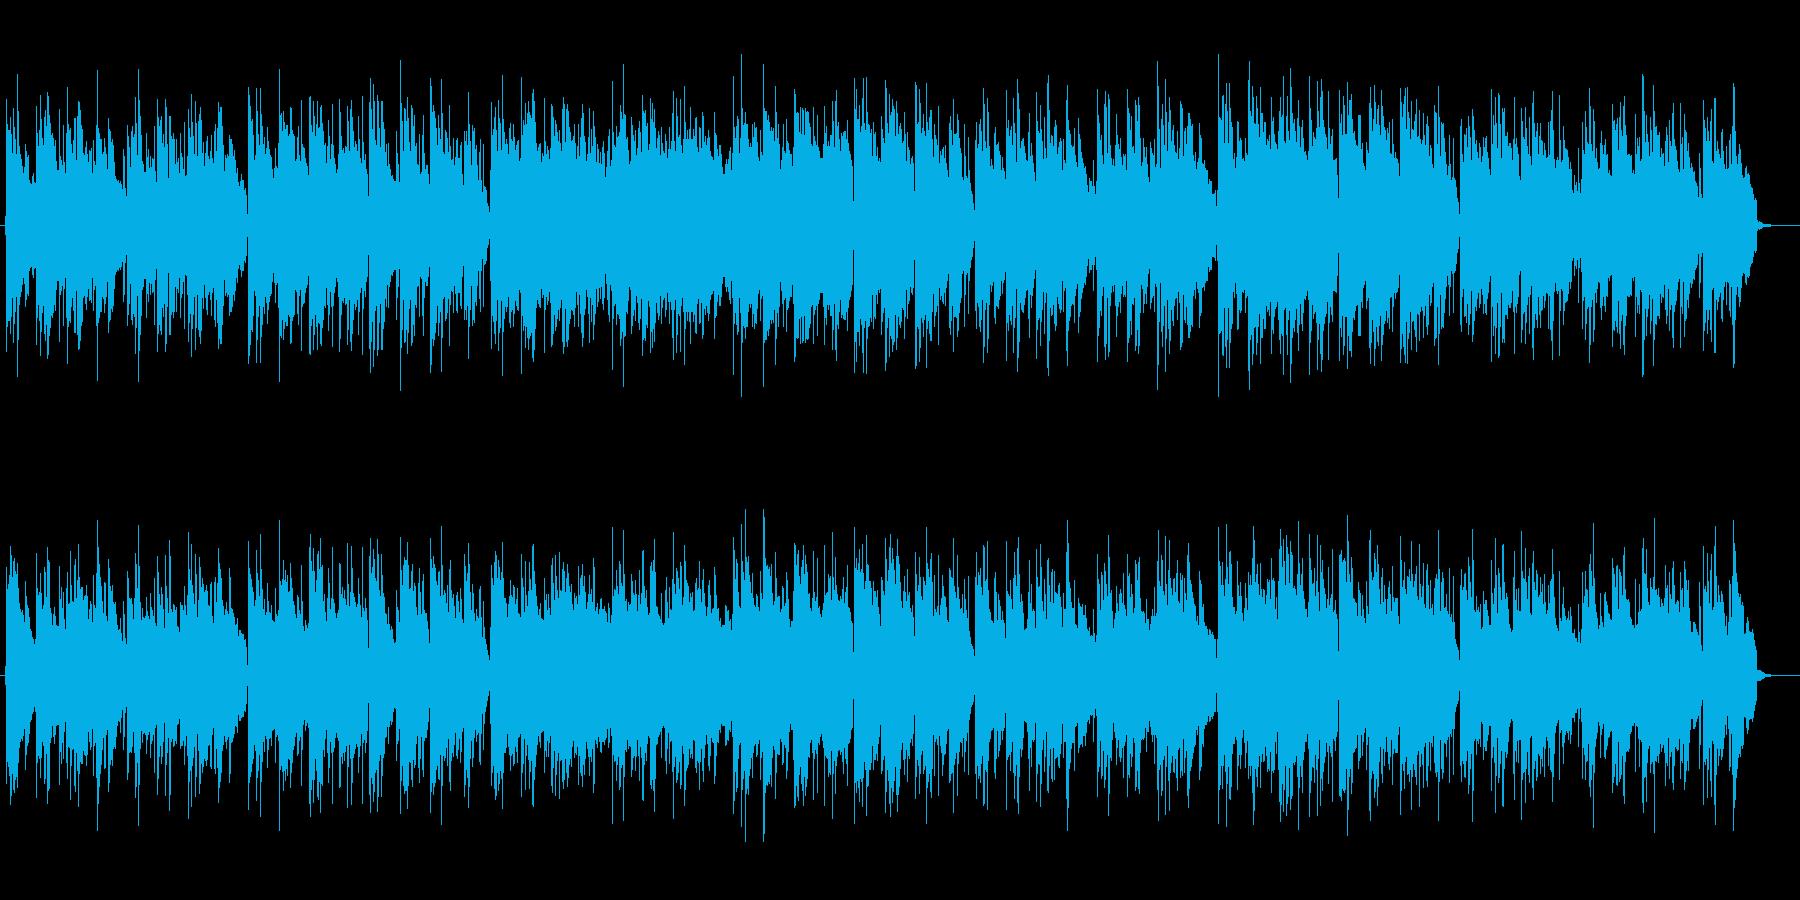 メローで落ち着きのあるお洒落な曲の再生済みの波形